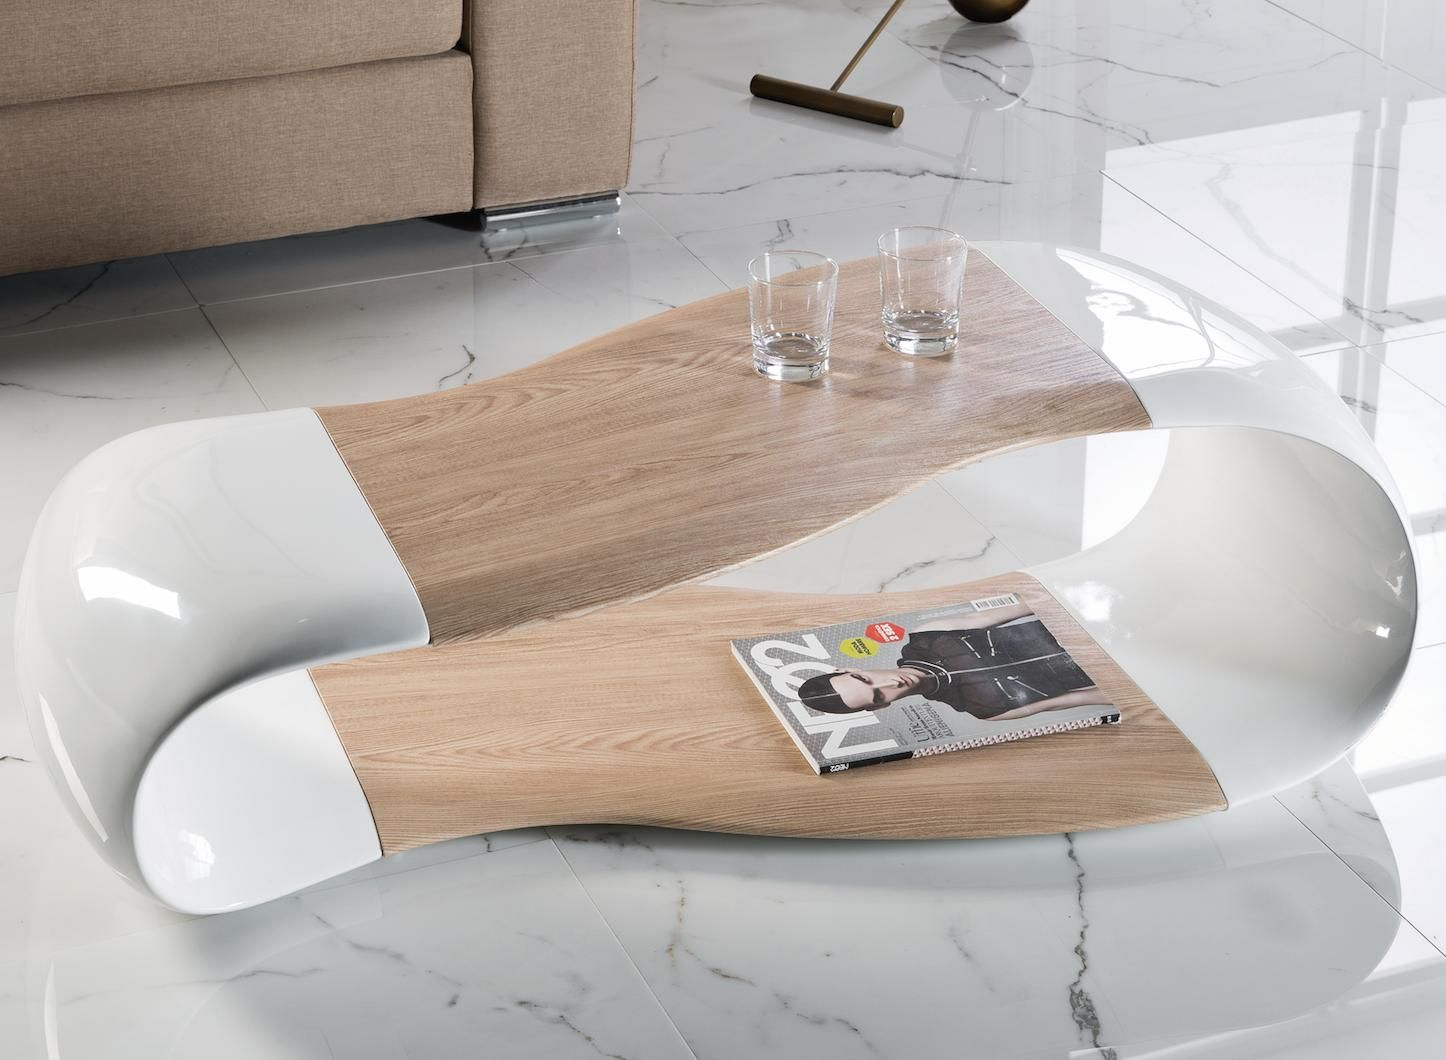 Table Basse Rectangulaire Frene Clair Et Fibre De Verre Kezia Lestendances Fr Mobilier De Salon Table Basse Table Basse Verre Et Bois